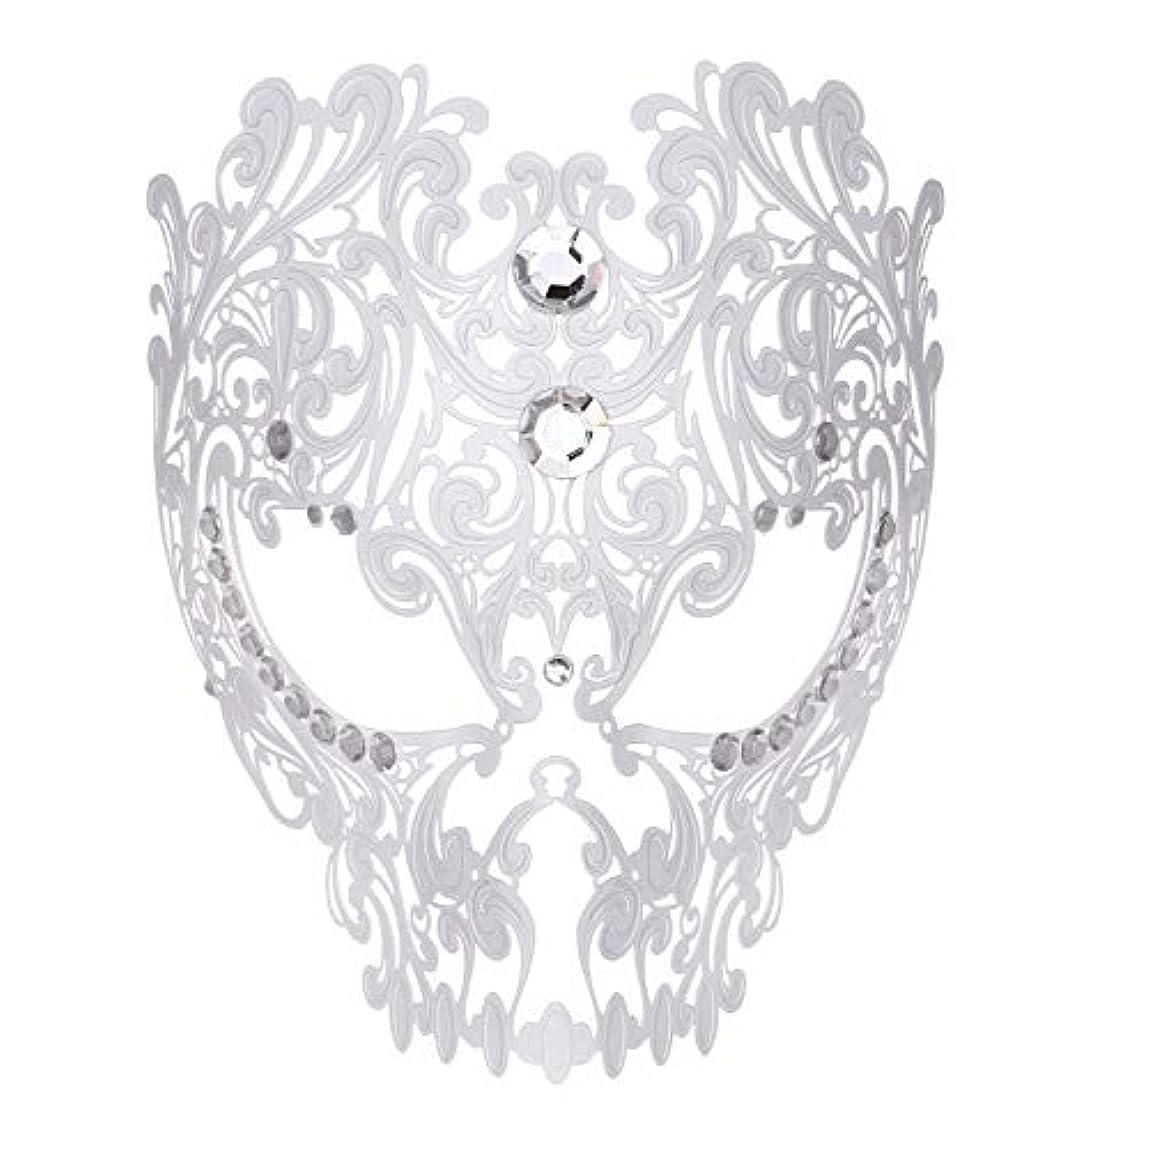 キャラクター航海言及するダンスマスク フルフェイスエナメル金属象眼細工中空マスクナイトクラブパーティーロールプレイングマスカレードマスク ホリデーパーティー用品 (色 : 白, サイズ : Universal)